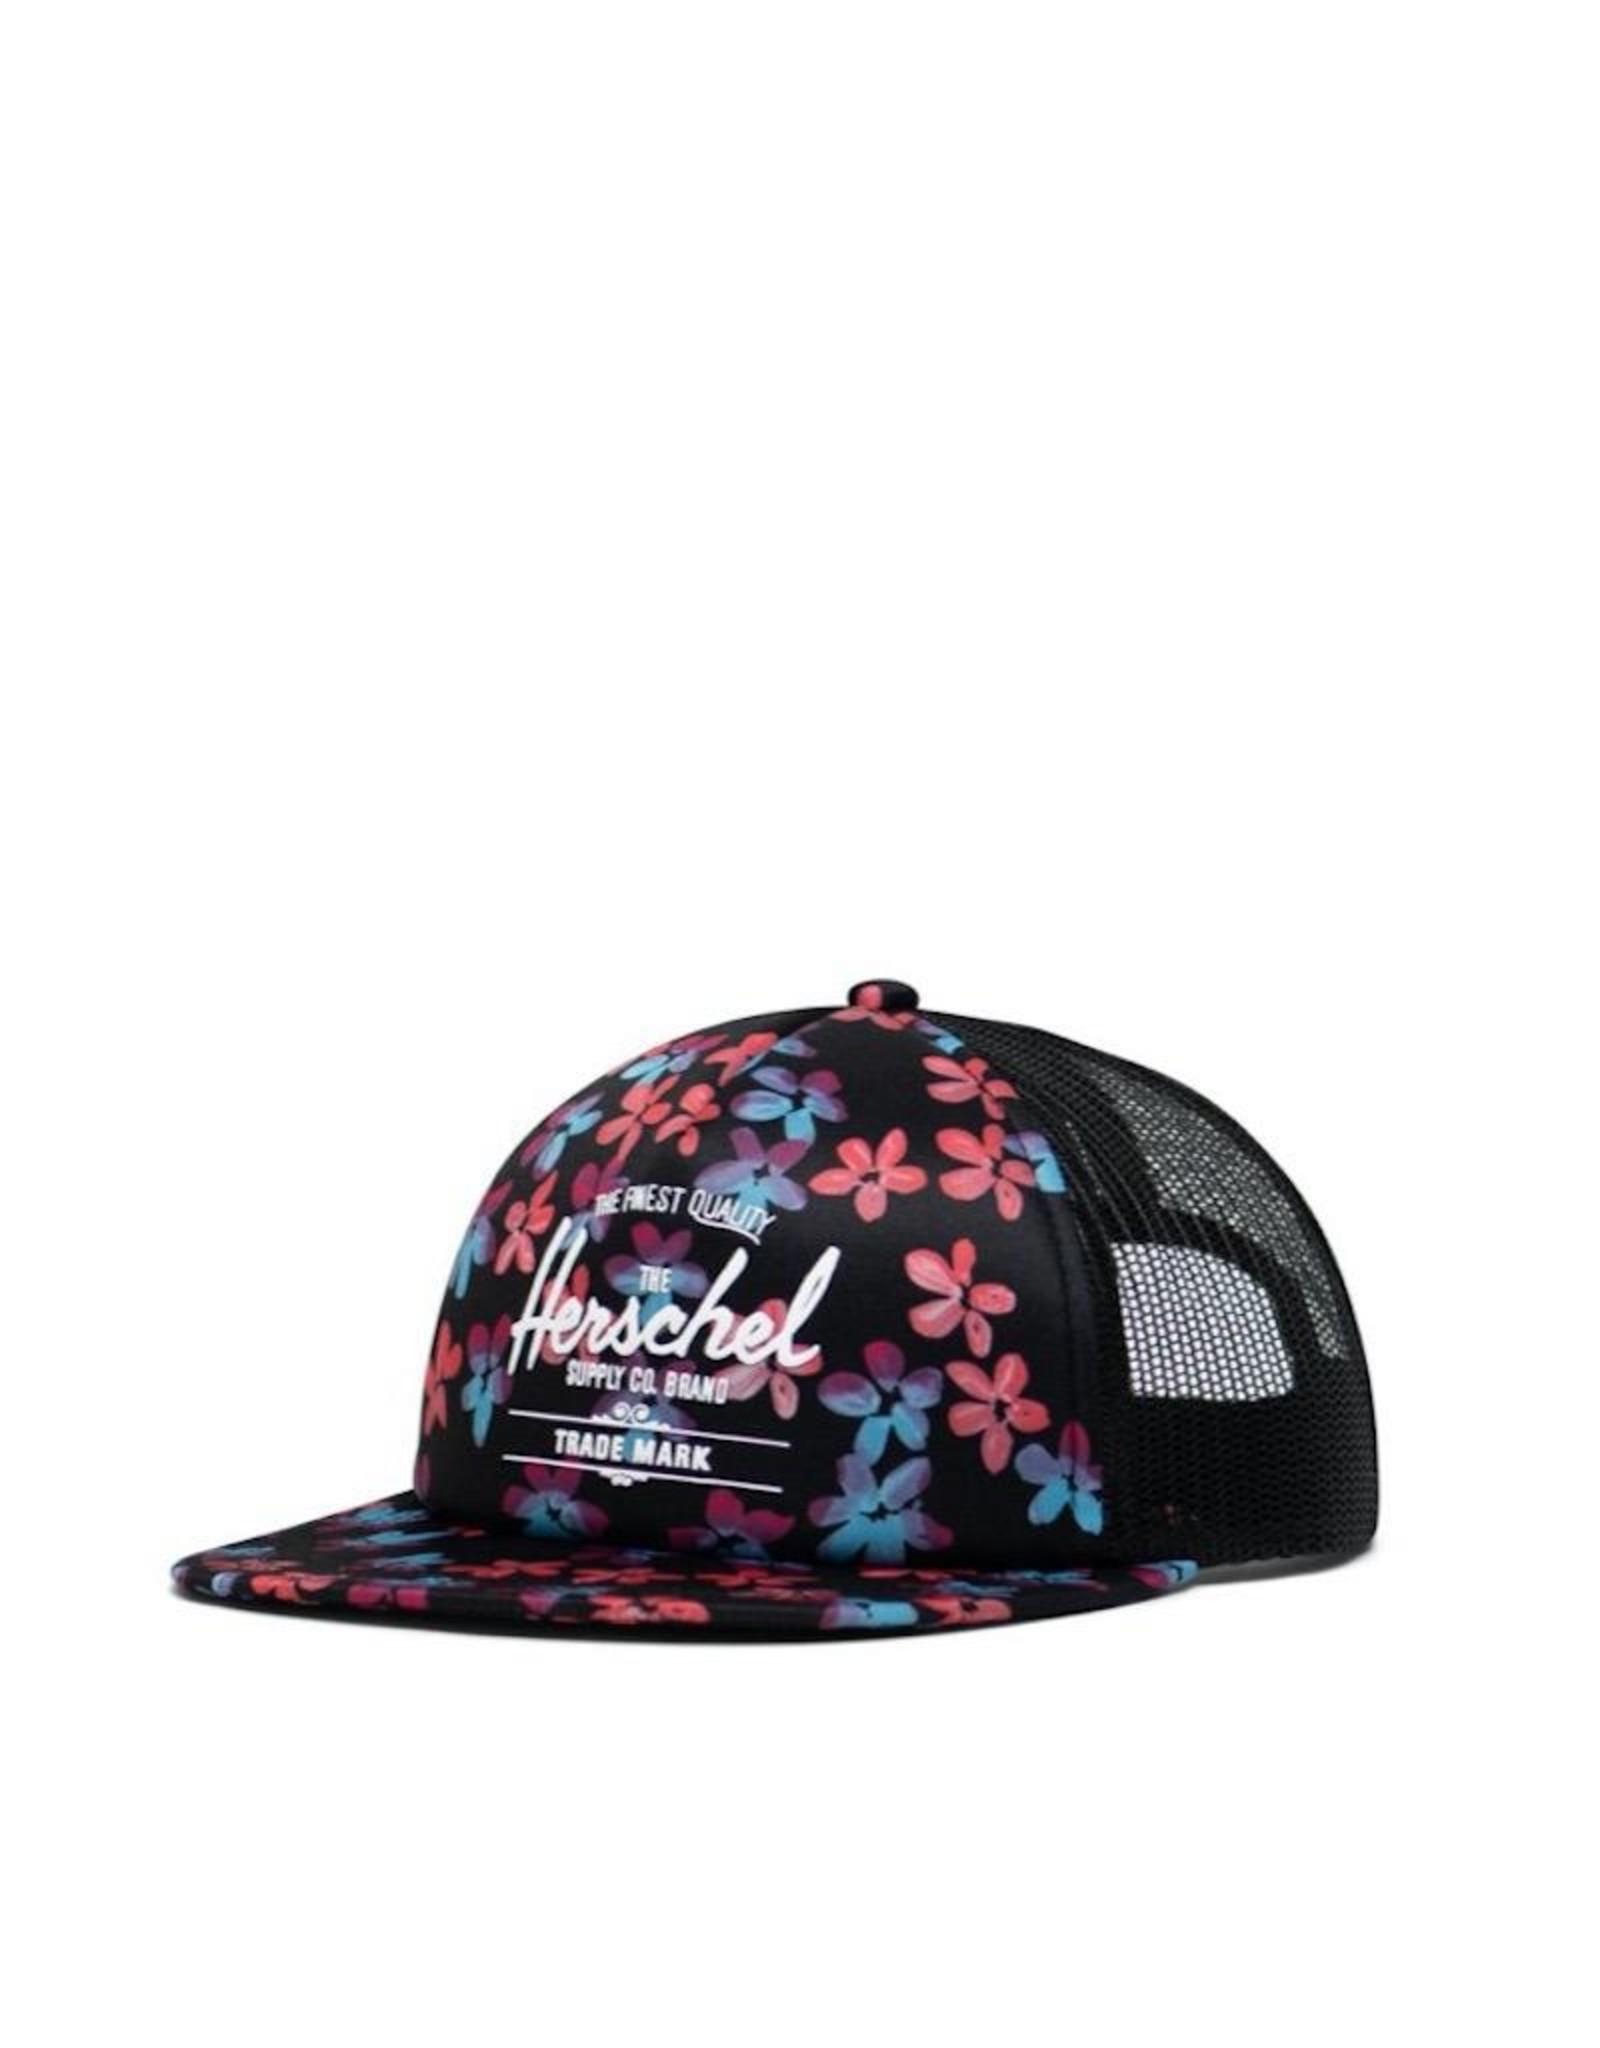 Herschel Supply Co. Whaler Mesh Soft Brim Youth Hat